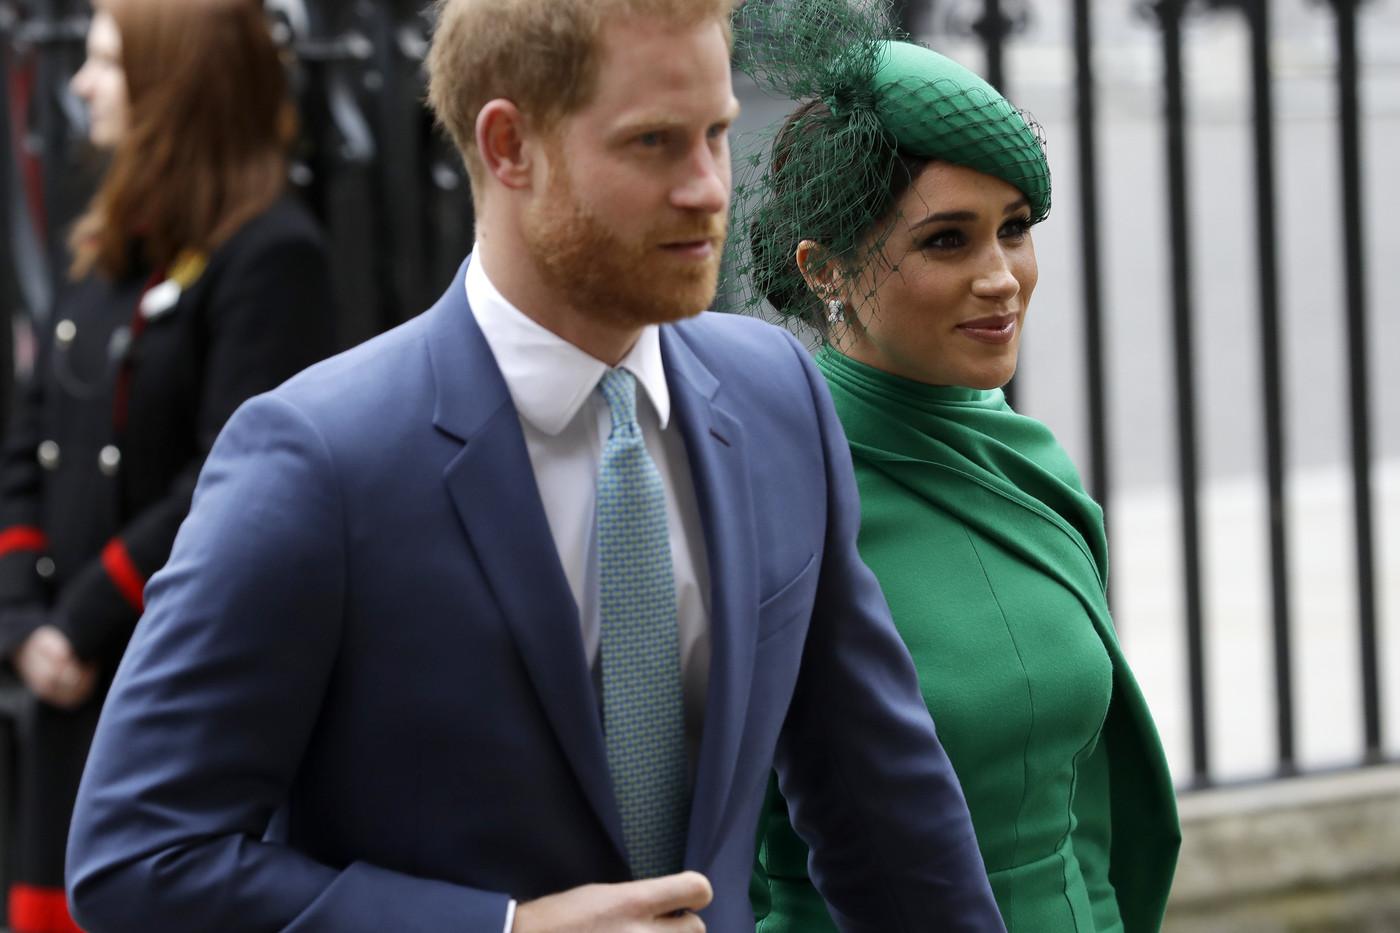 Harry e Meghan da oggi non sono più Altezze Reali, inizia una vita da comuni mortali. A cominciare dai debiti